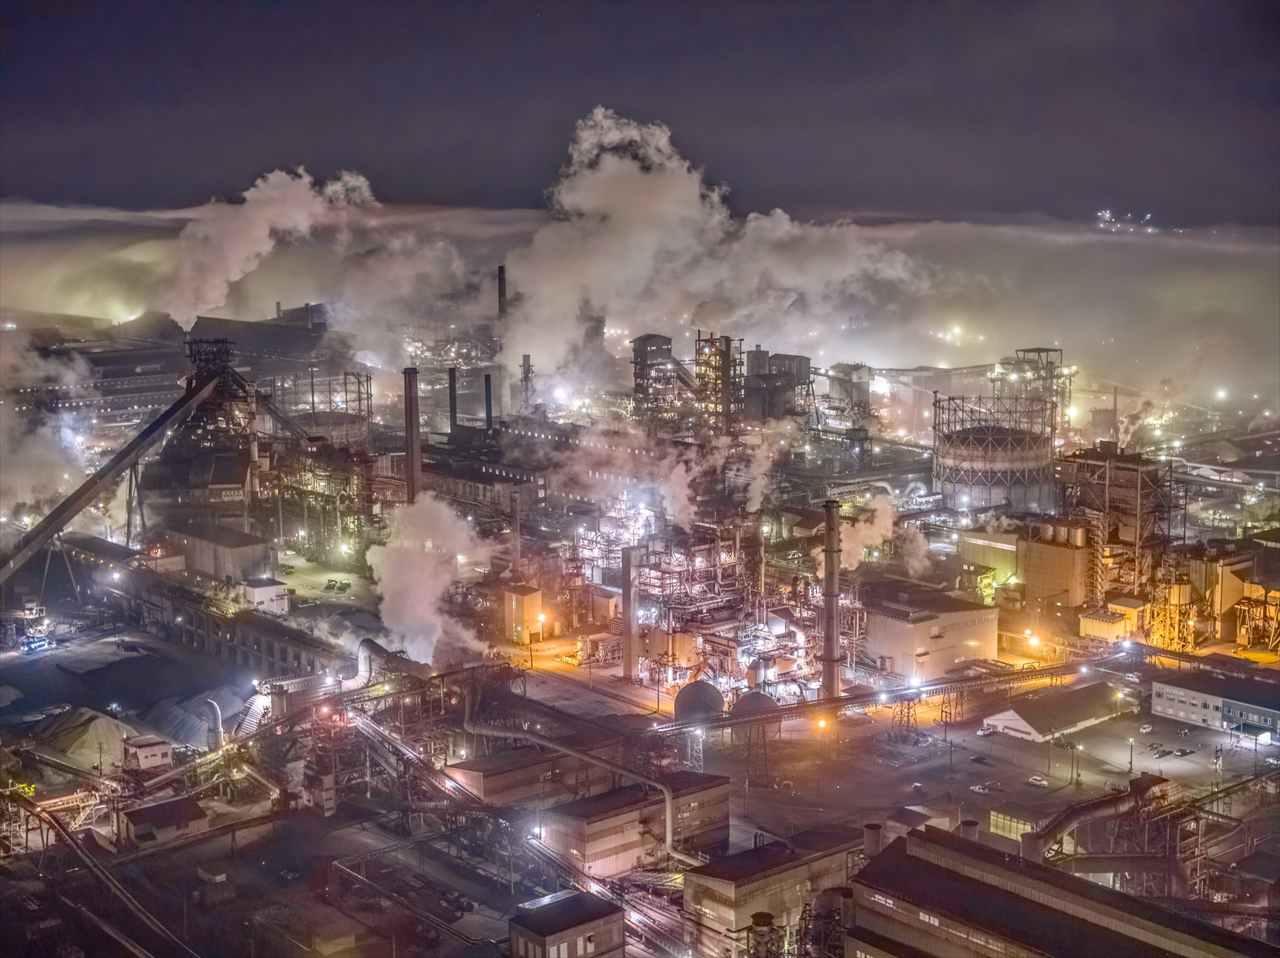 まるでゲームの世界のよう・・・霧が発生した製鉄所の写真がめちゃめちゃカッコイイ!